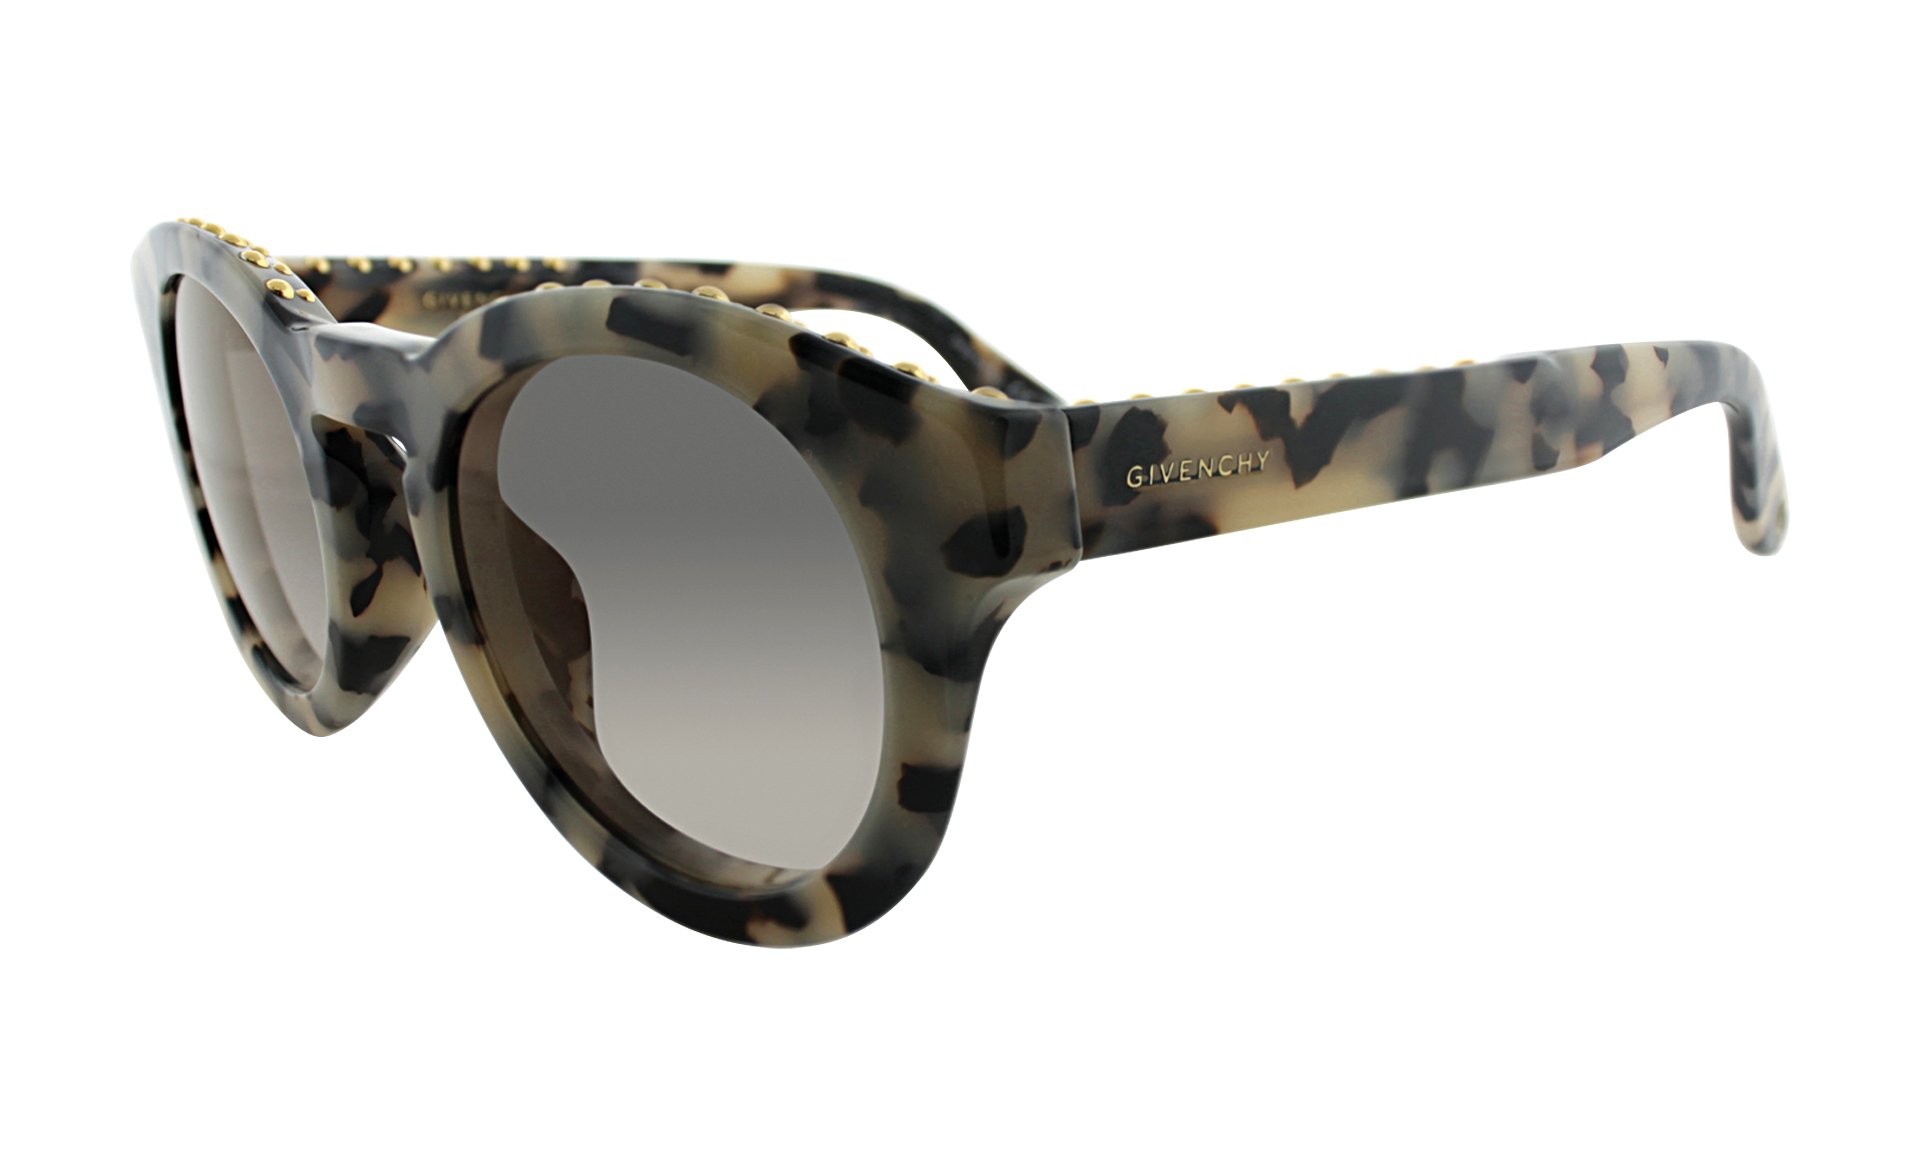 f64de61c4b73 Givenchy GV 7018 A4E White Havana Sunglasses